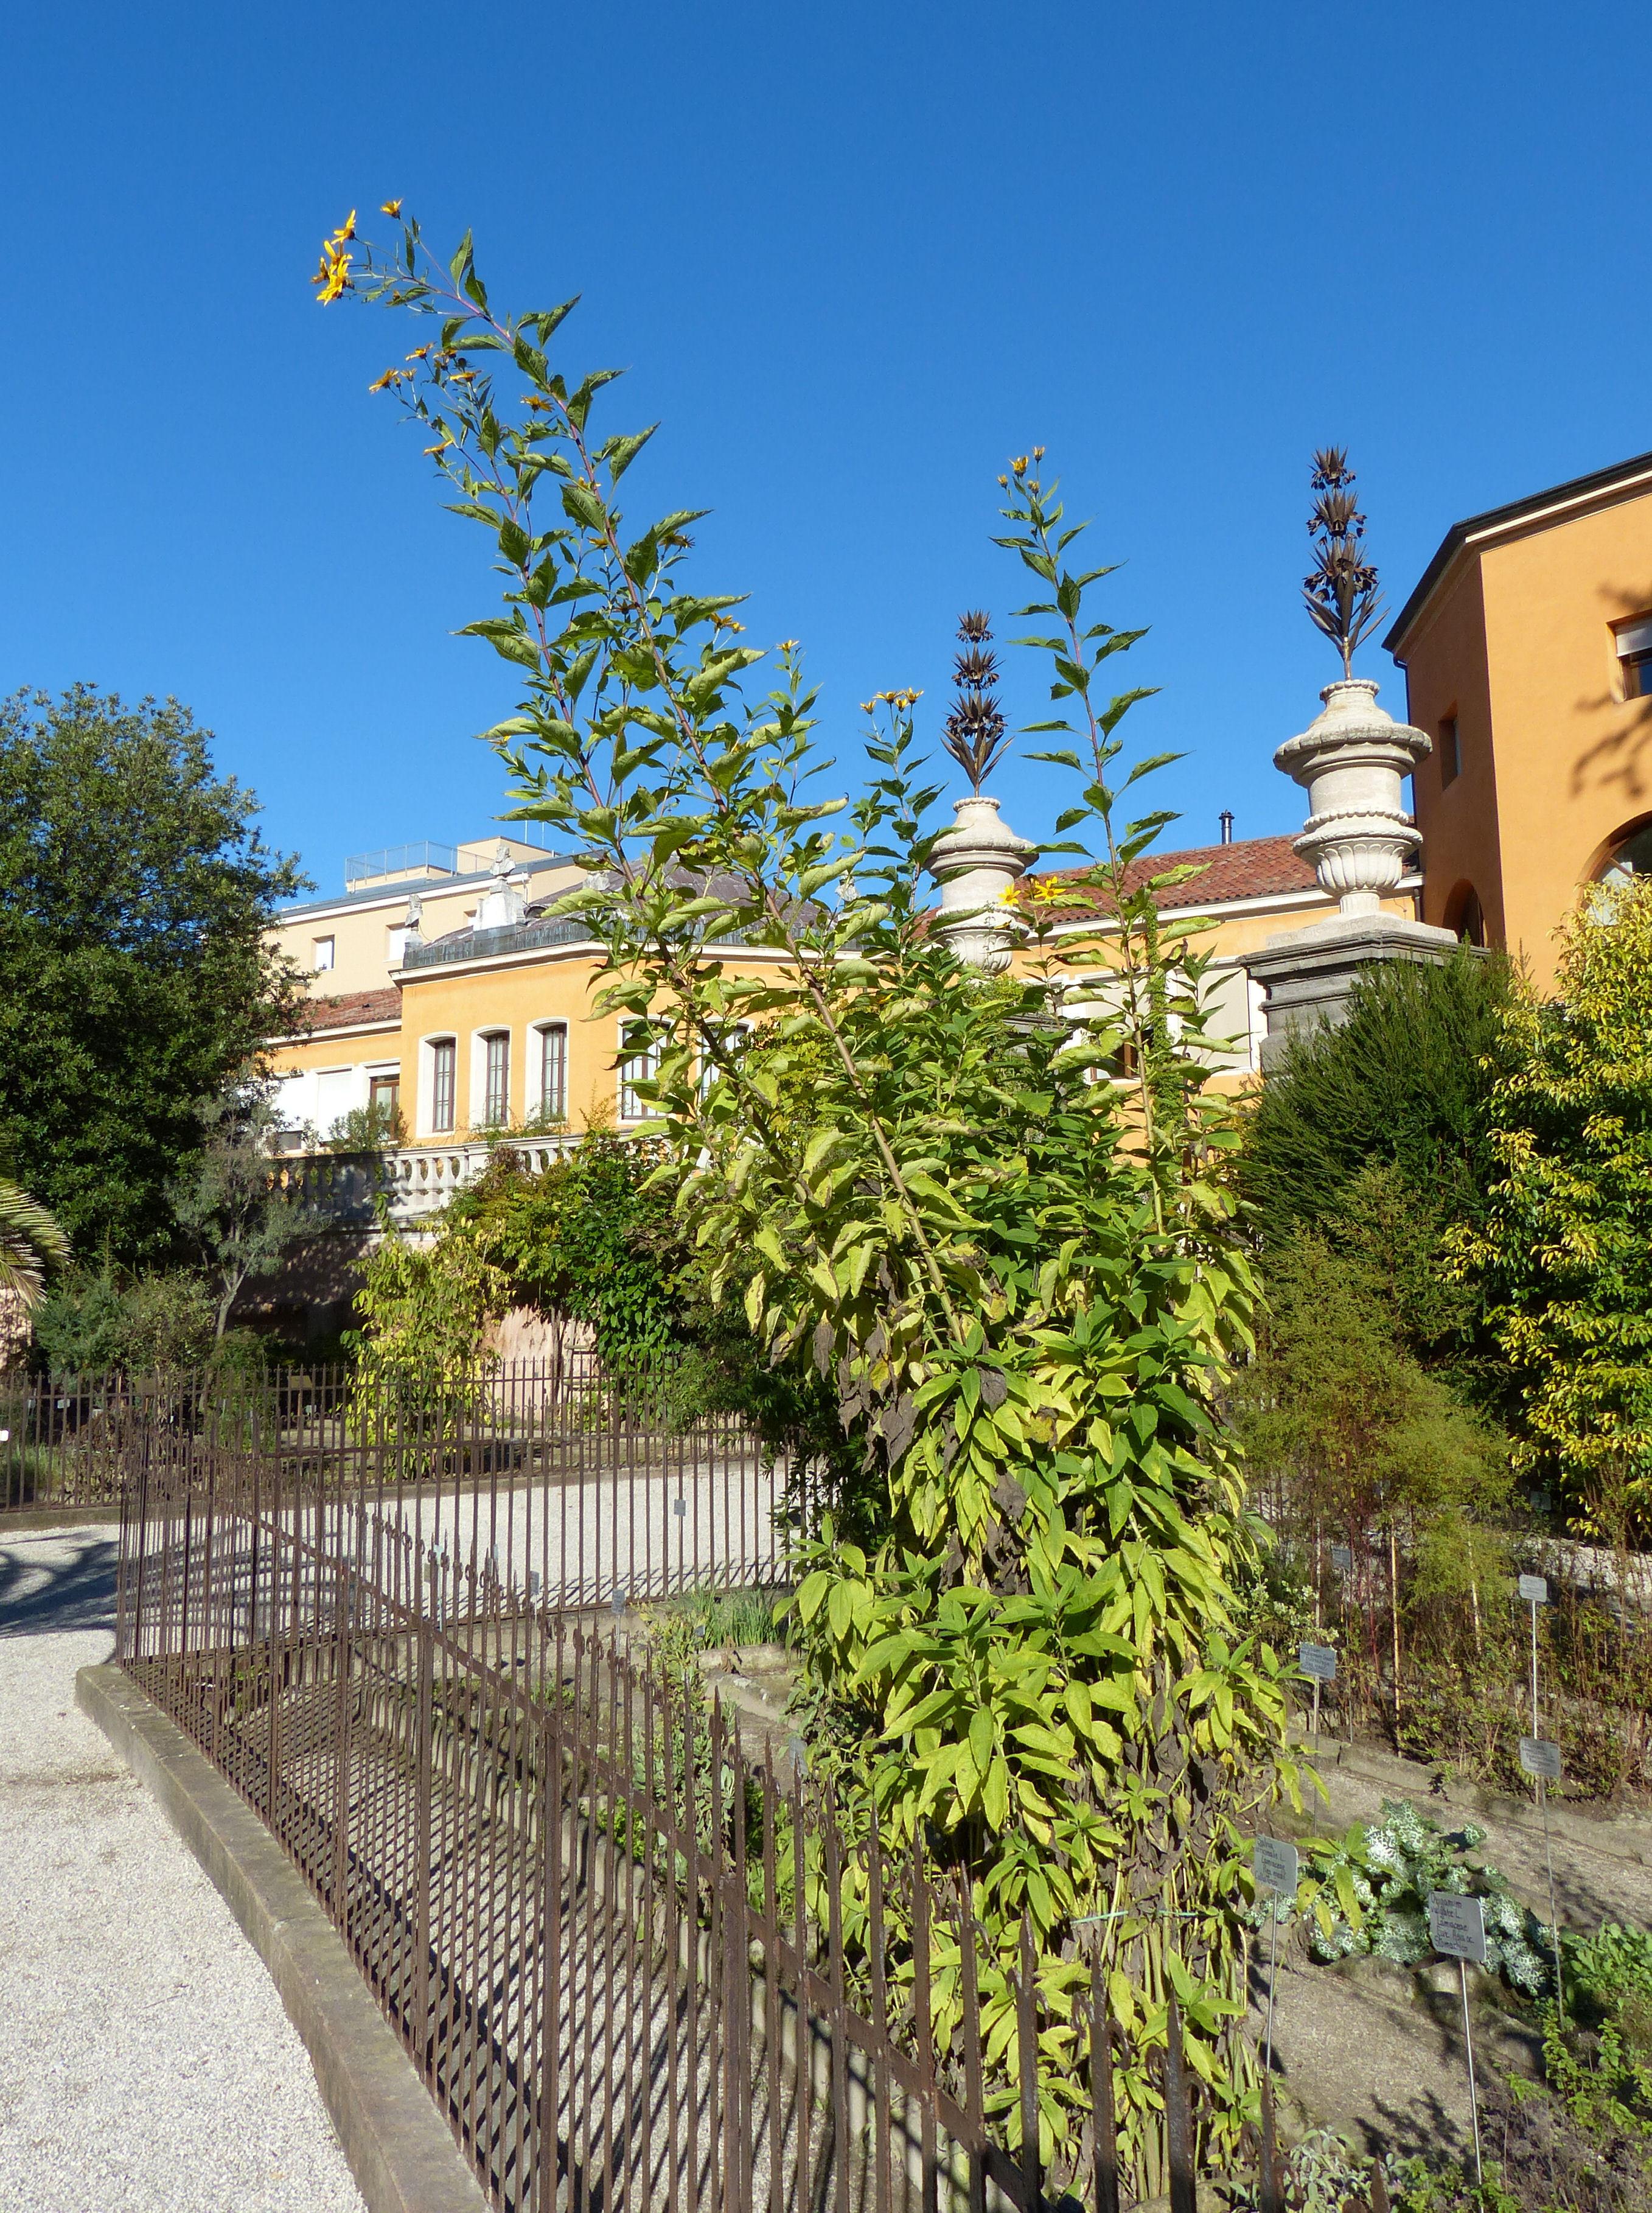 © Dipartimento di Scienze della Vita, Università di Trieste<br>by Andrea Moro<br>Comune di Padova, Orto Botanico, PD, Veneto, Italia, 20/10/2015<br>Distributed under CC-BY-SA 4.0 license.